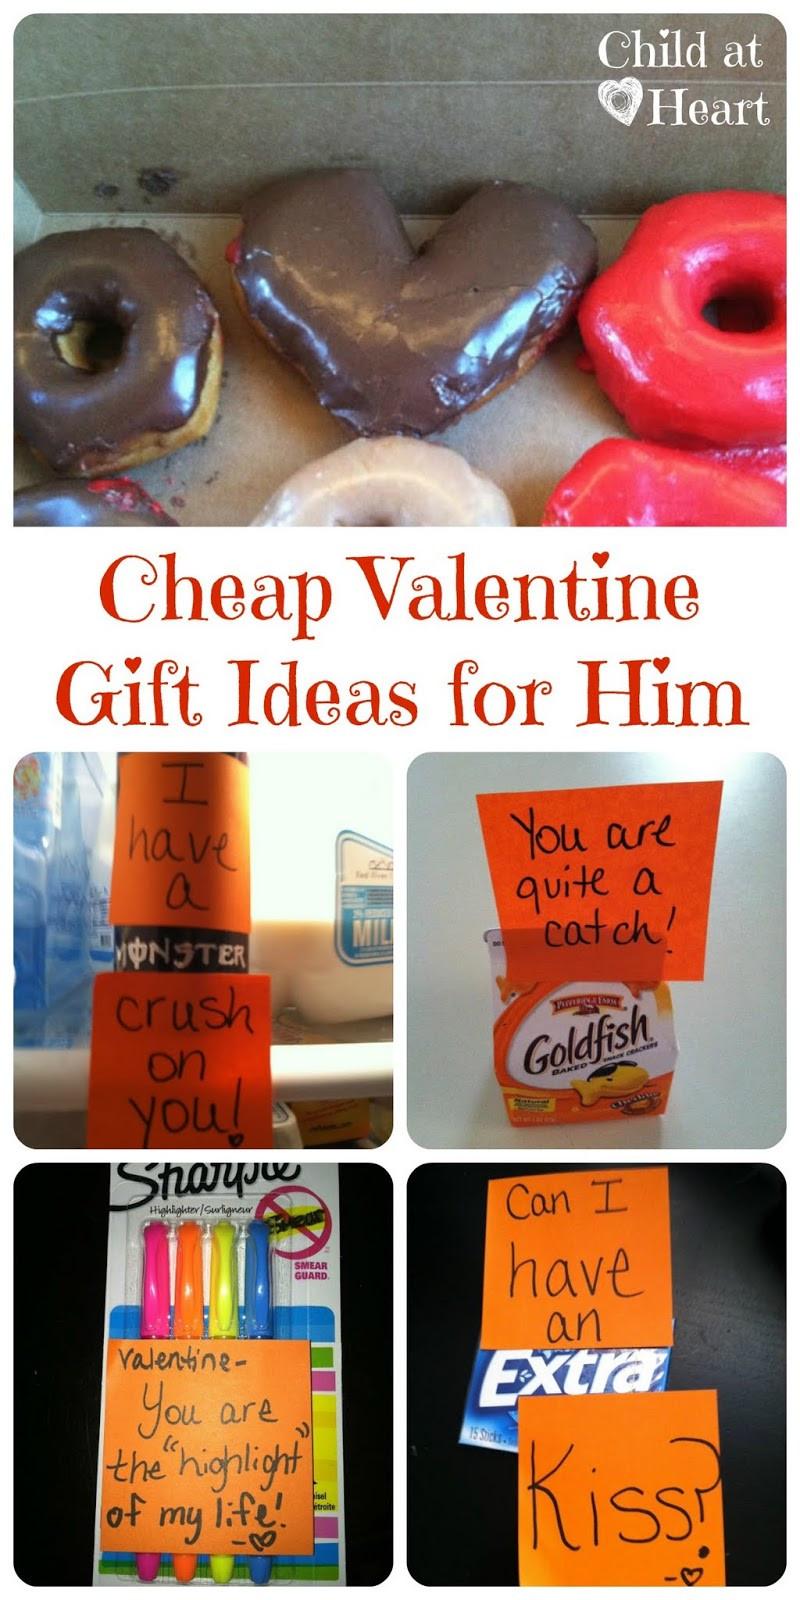 Boyfriend Valentine Gift Ideas  Cheap Valentine Gift Ideas for Him Child at Heart Blog